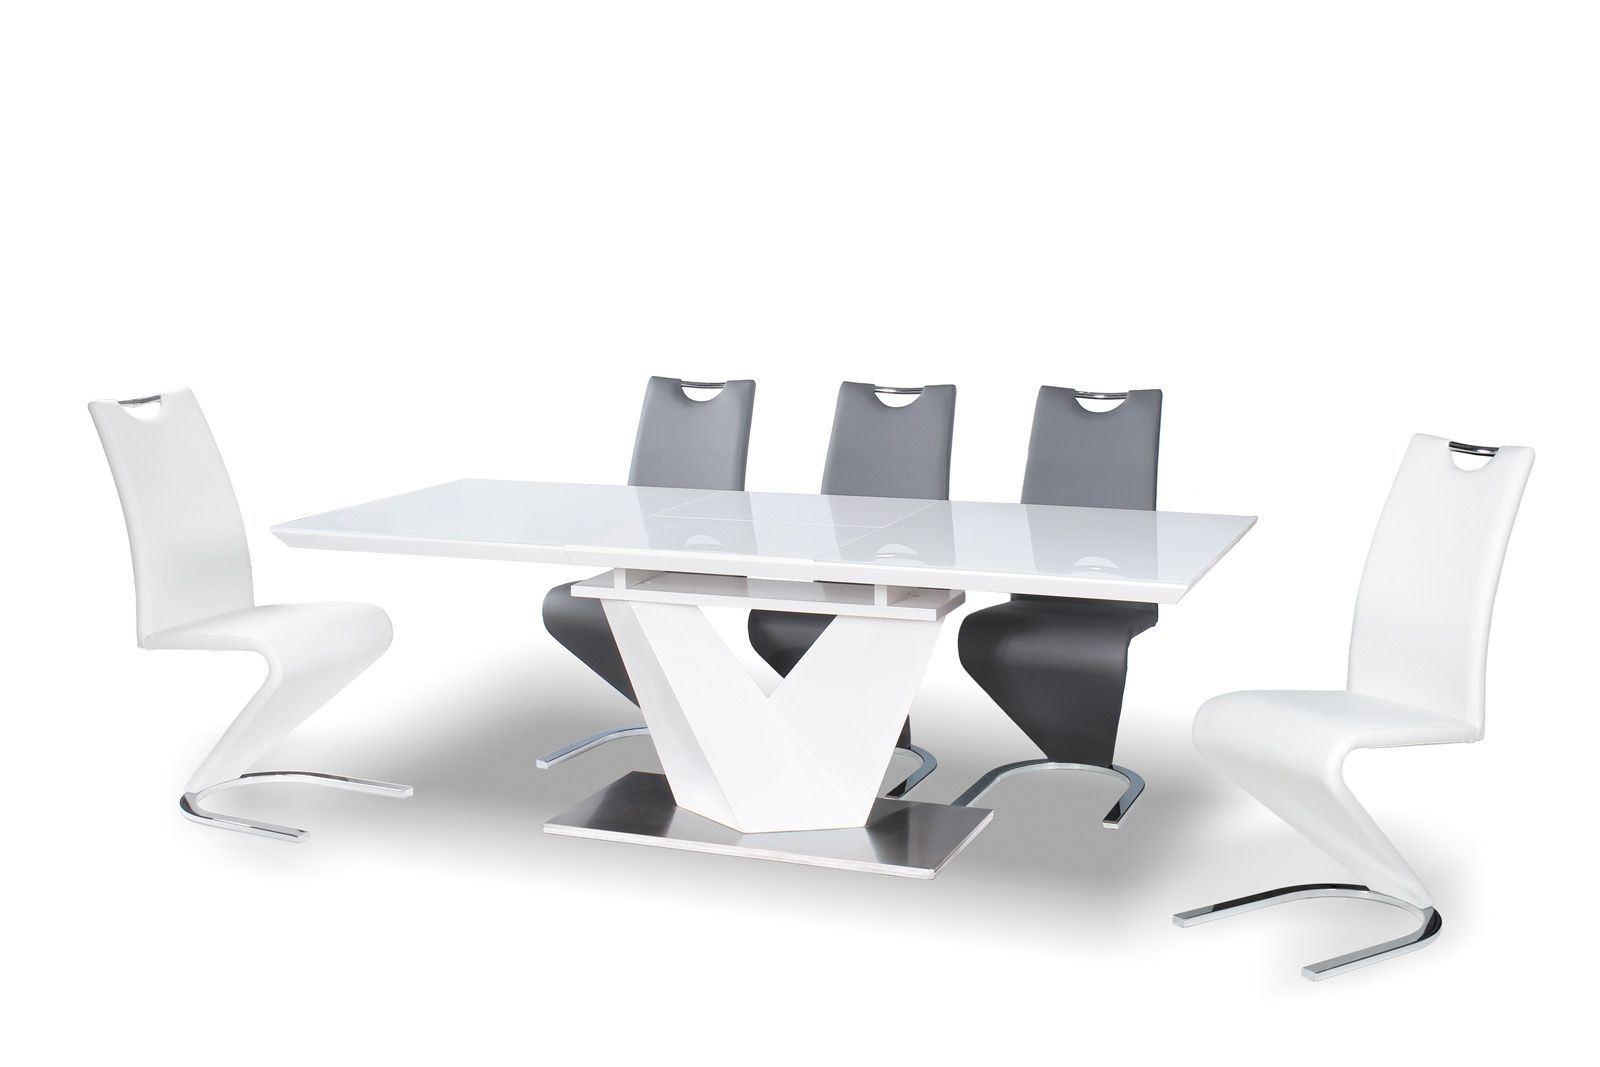 Esstisch Luxor modern mit edler Glas Tischplatte ausziehbar. Tisch in weiss hochglanz.